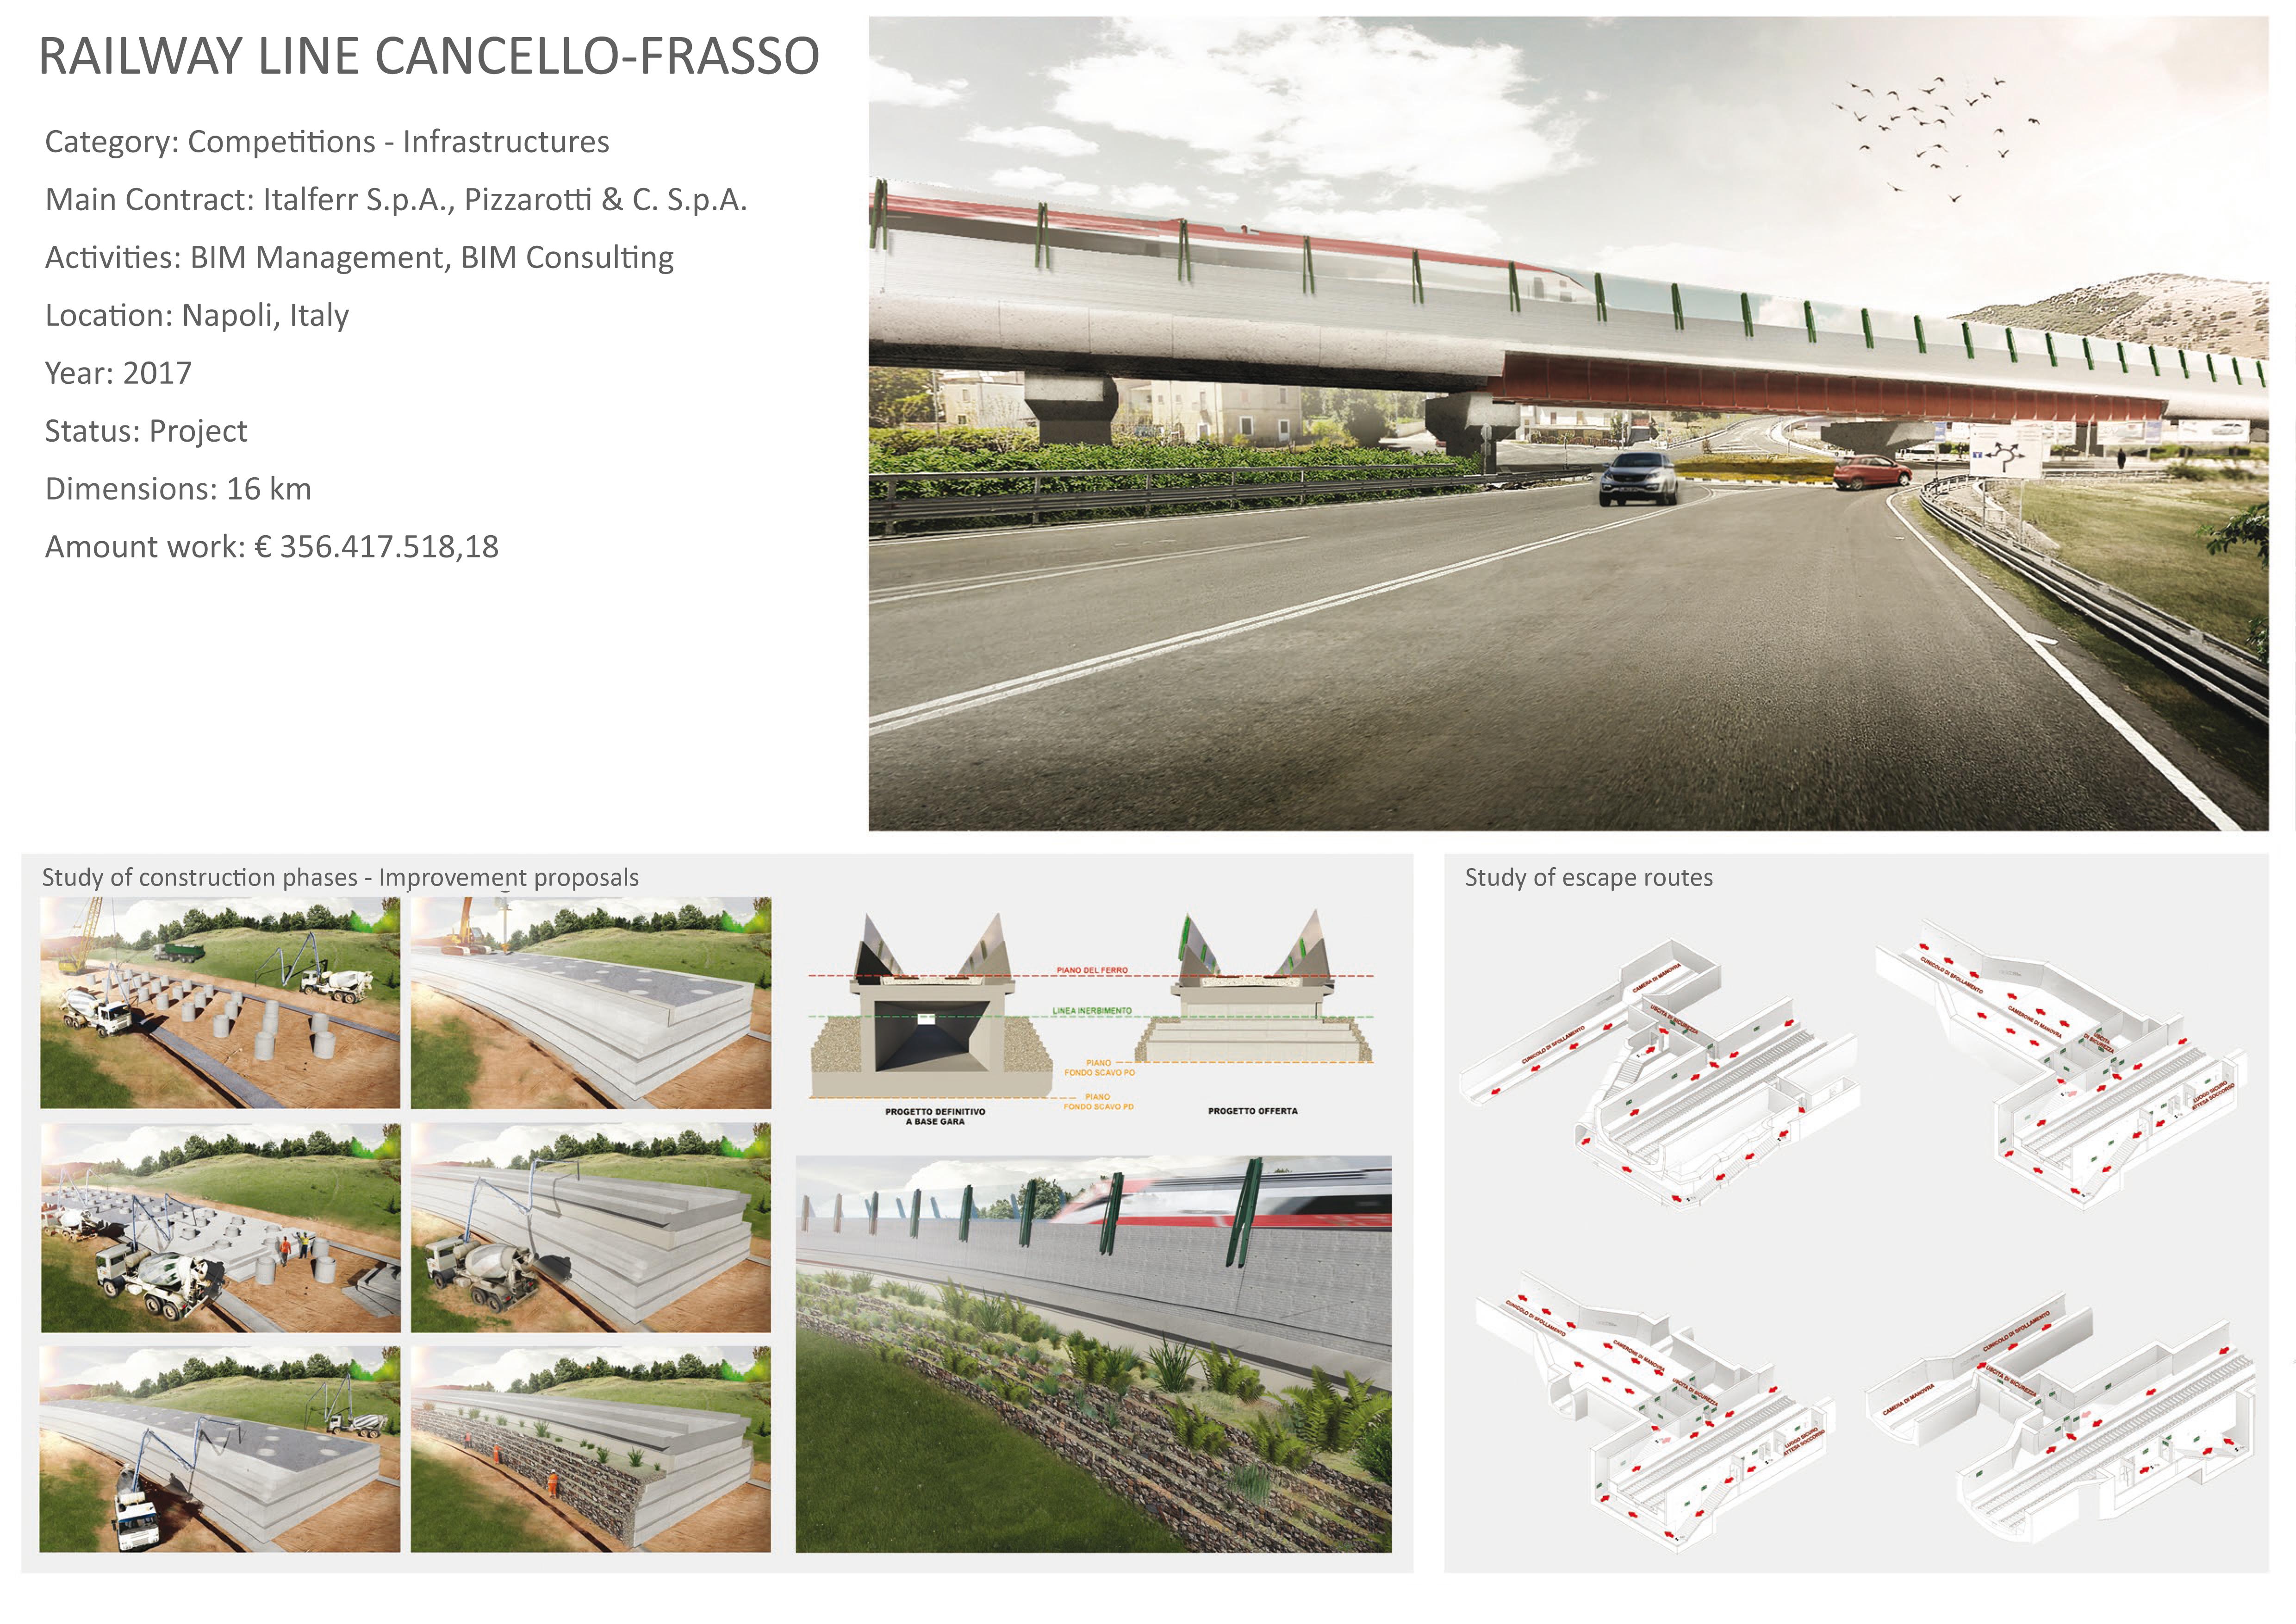 Linea ferroviaria Cancello - Frasso